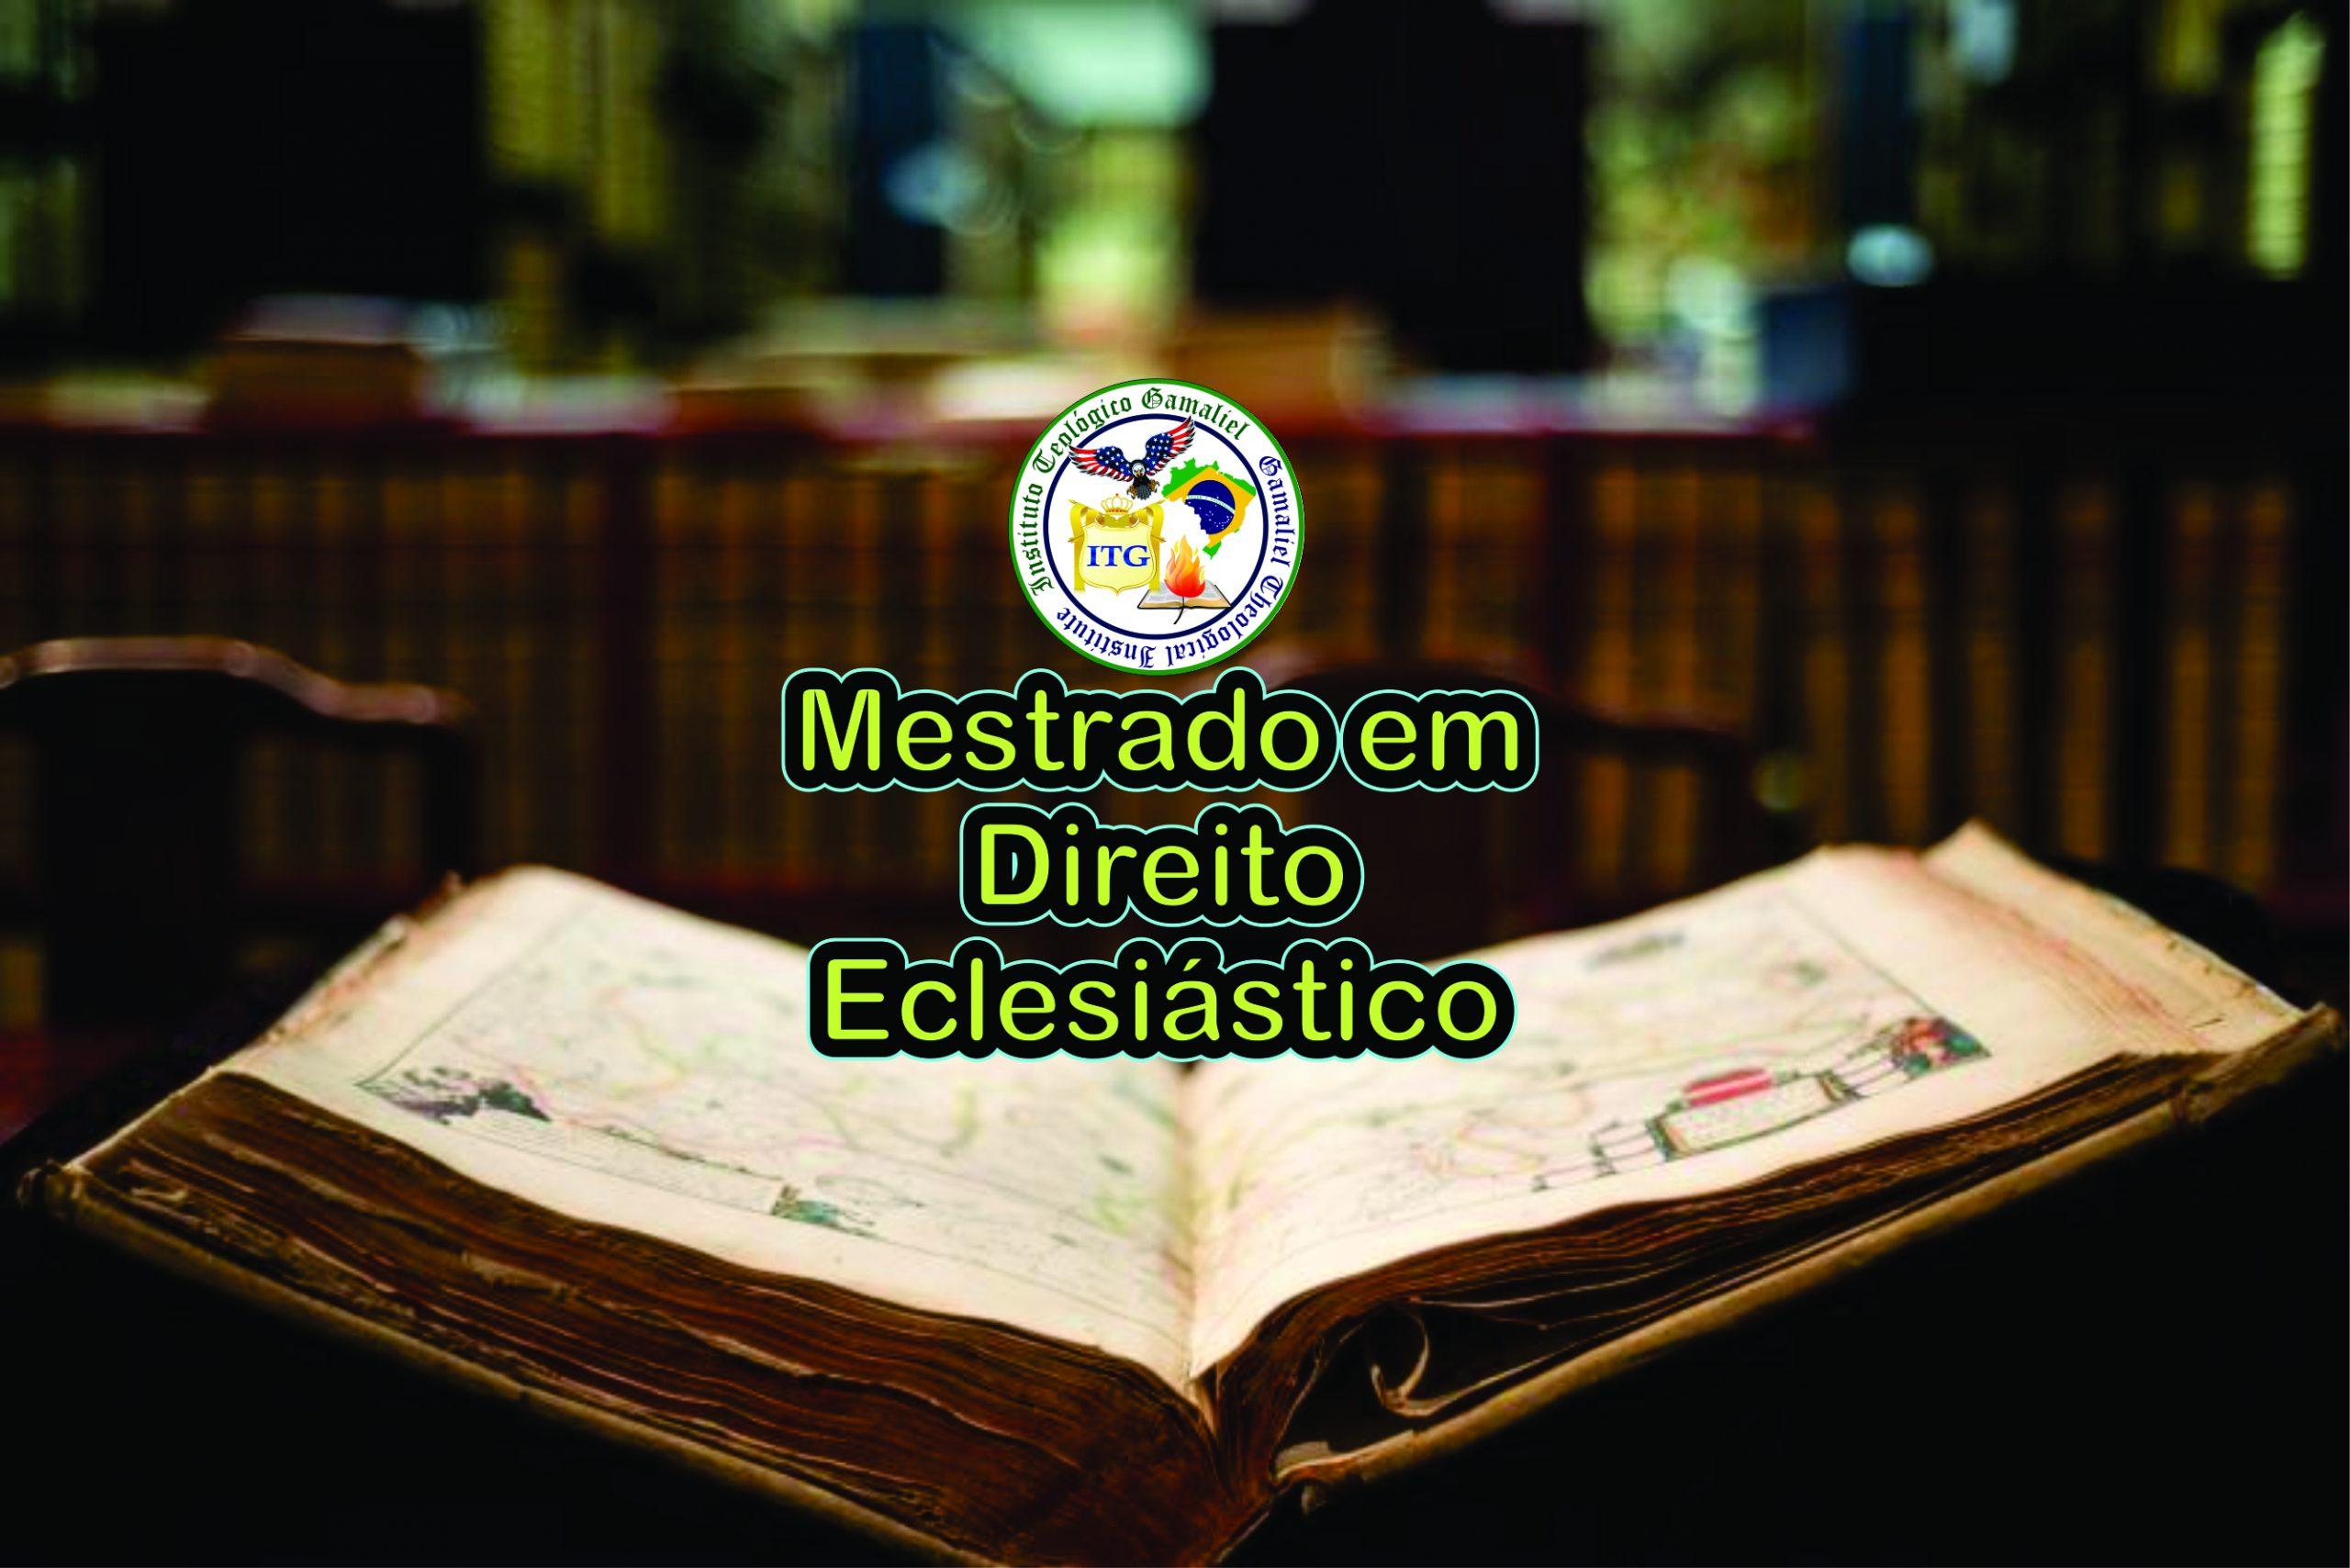 Mestrado em Direito Eclesiástico UsaBrasil2019 II